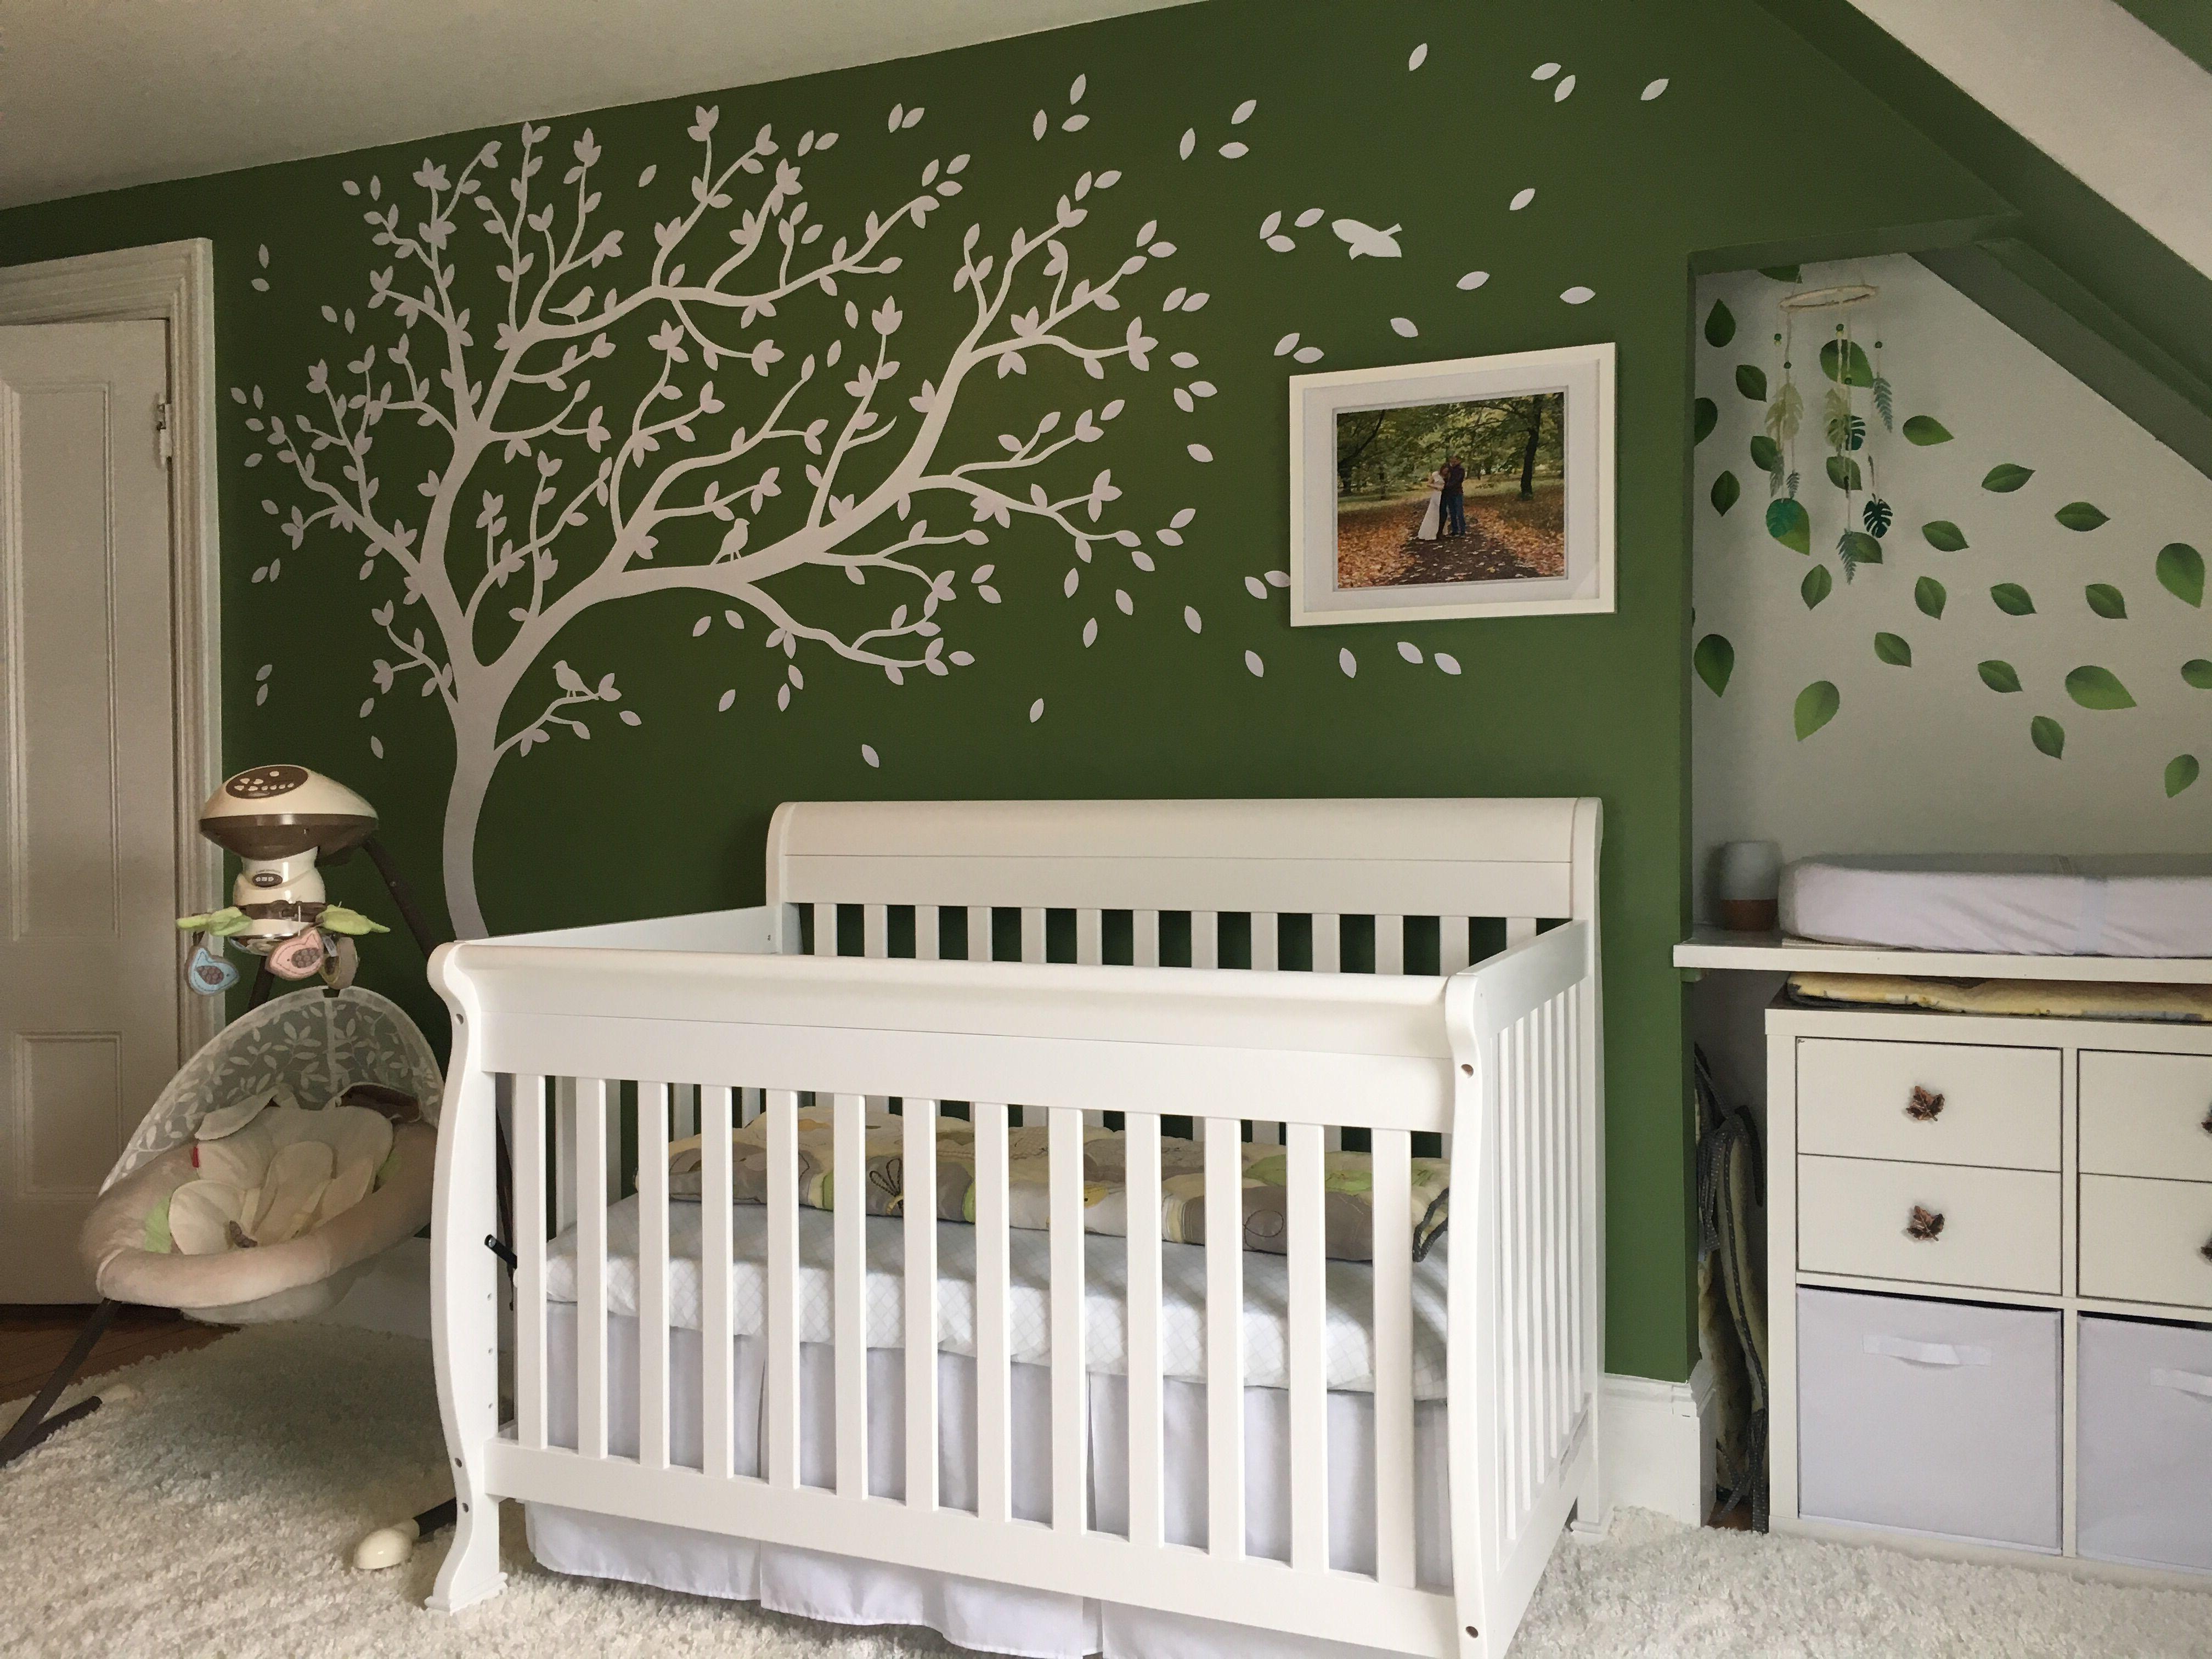 Green Treehouse Themed Nursery Room Nursery Room Room Nursery